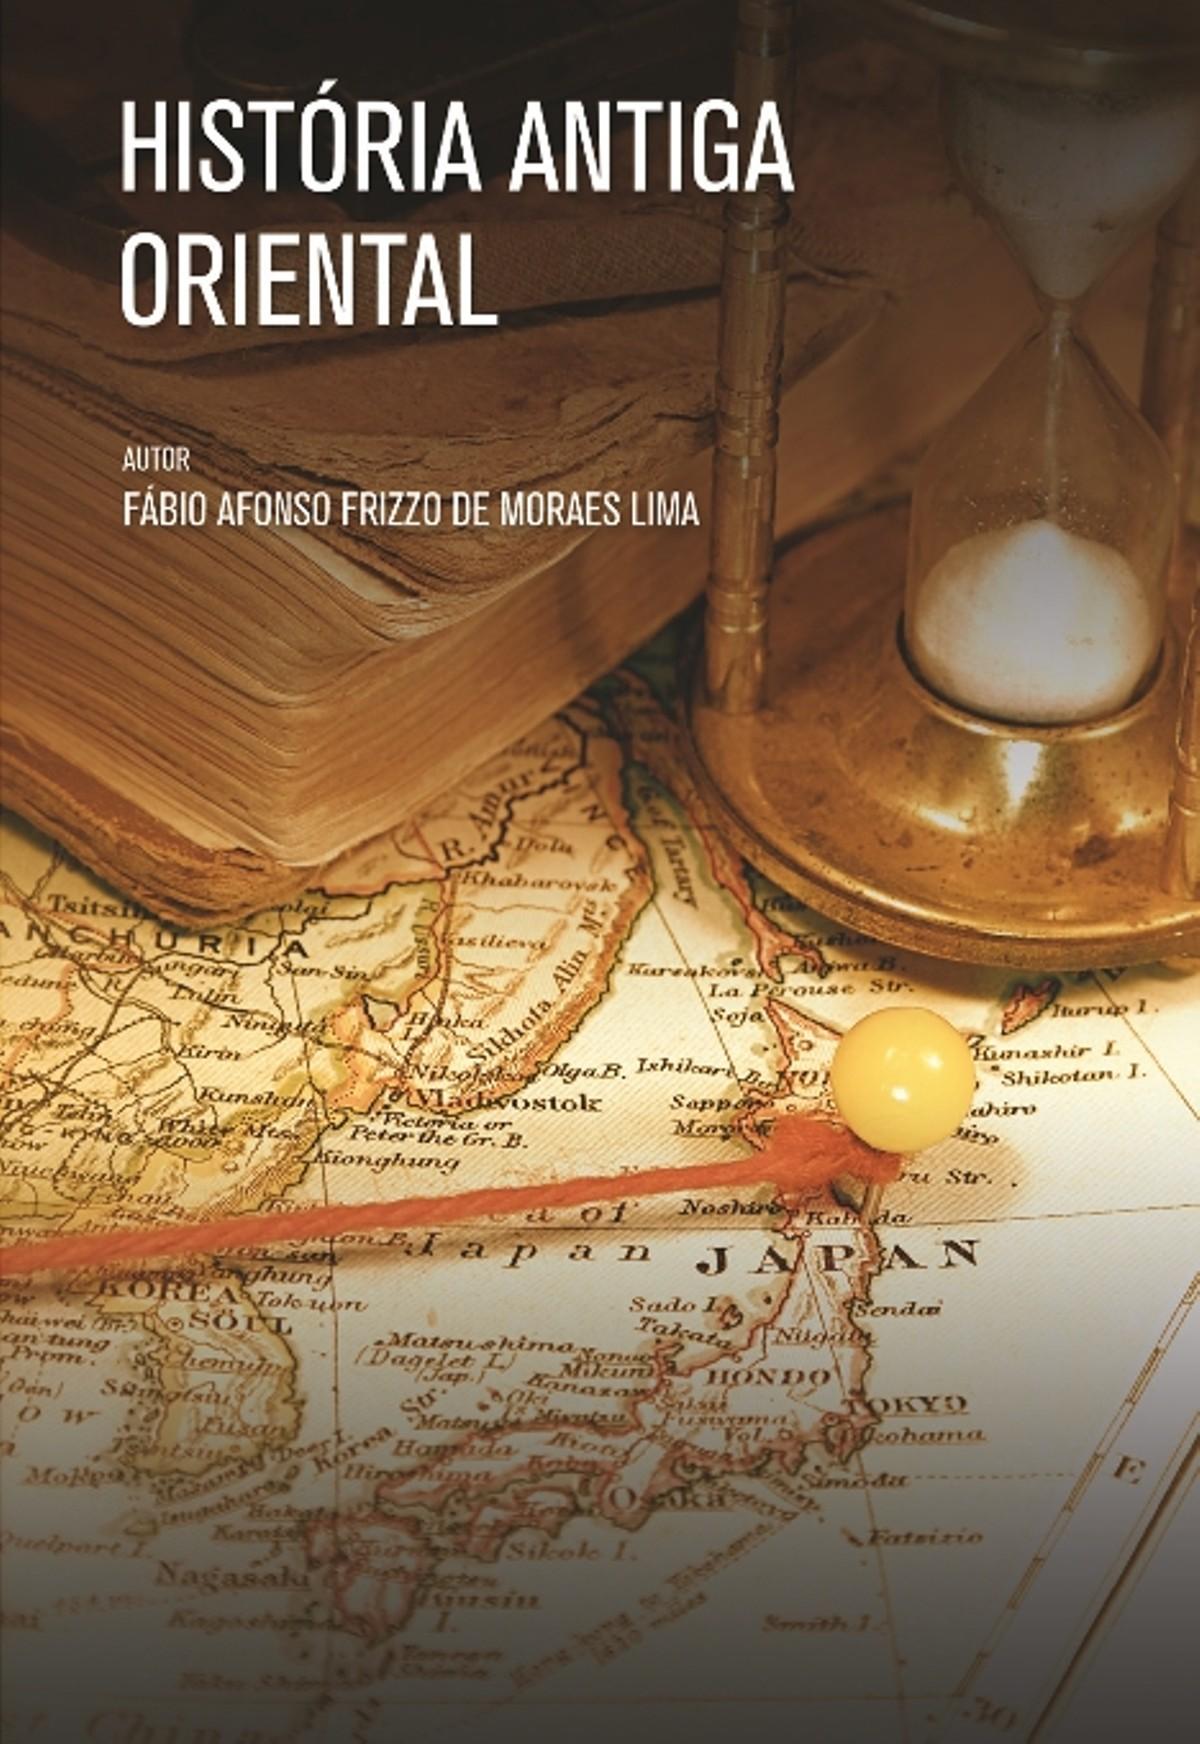 Pre-visualização do material livro didático história antiga oriental autor Fabio Frizzo Lima - página 1